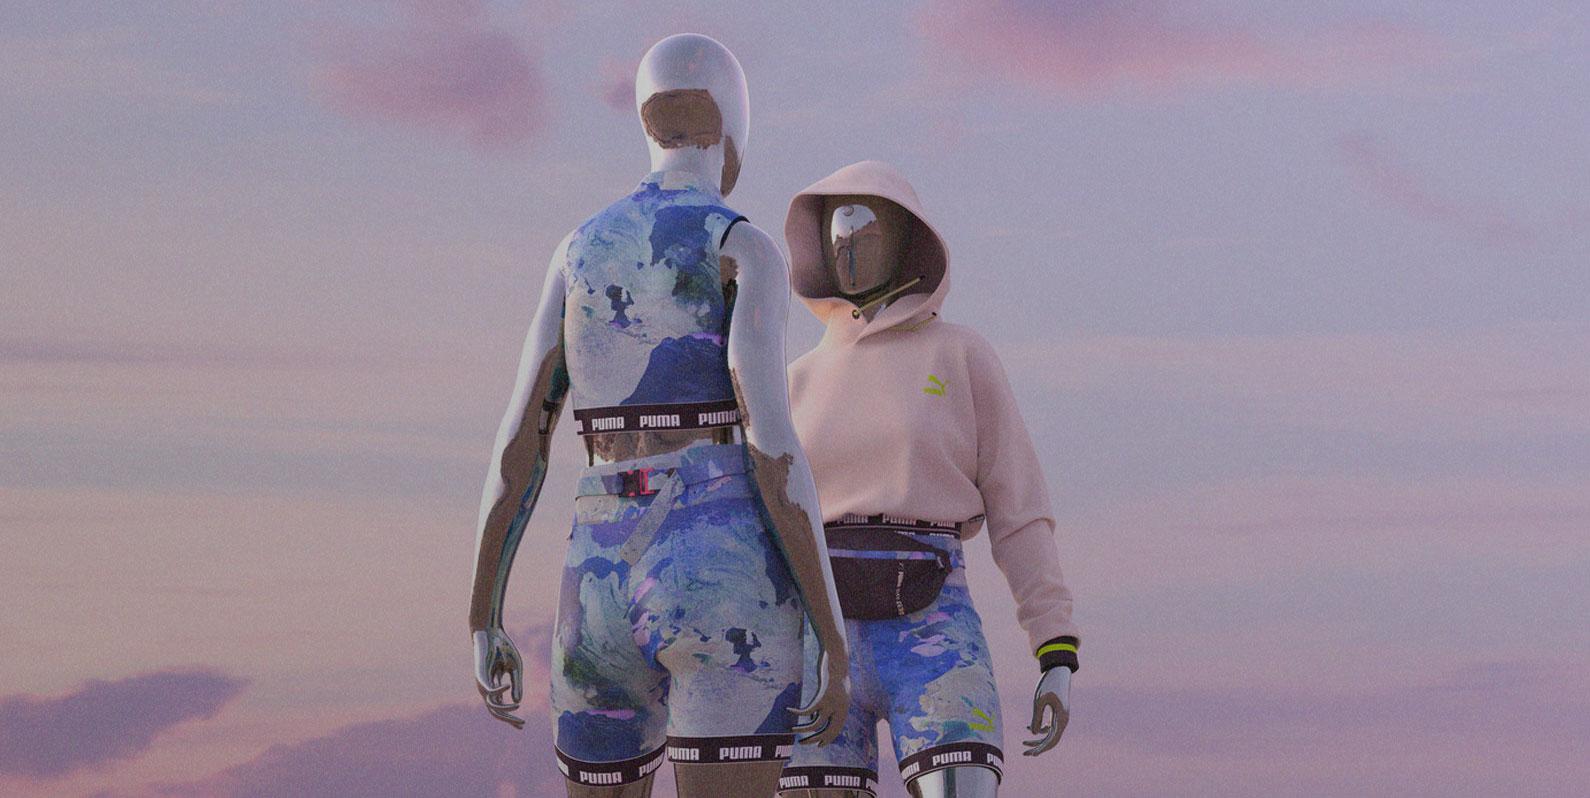 Você investiria em roupas que só existem digitalmente?